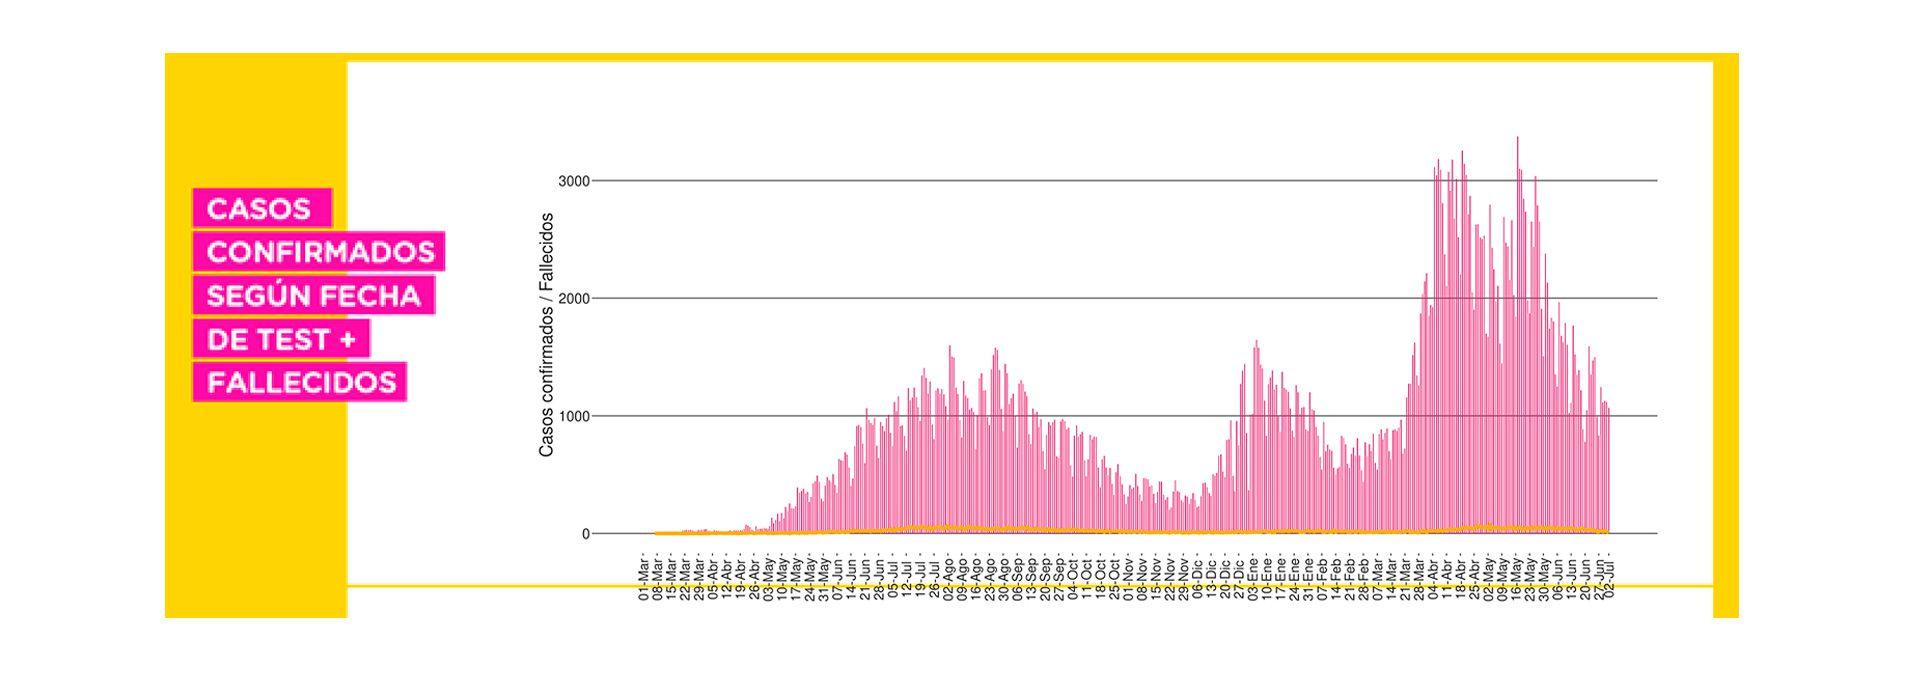 grafico casos confirmados segun fecha de test fallecidos